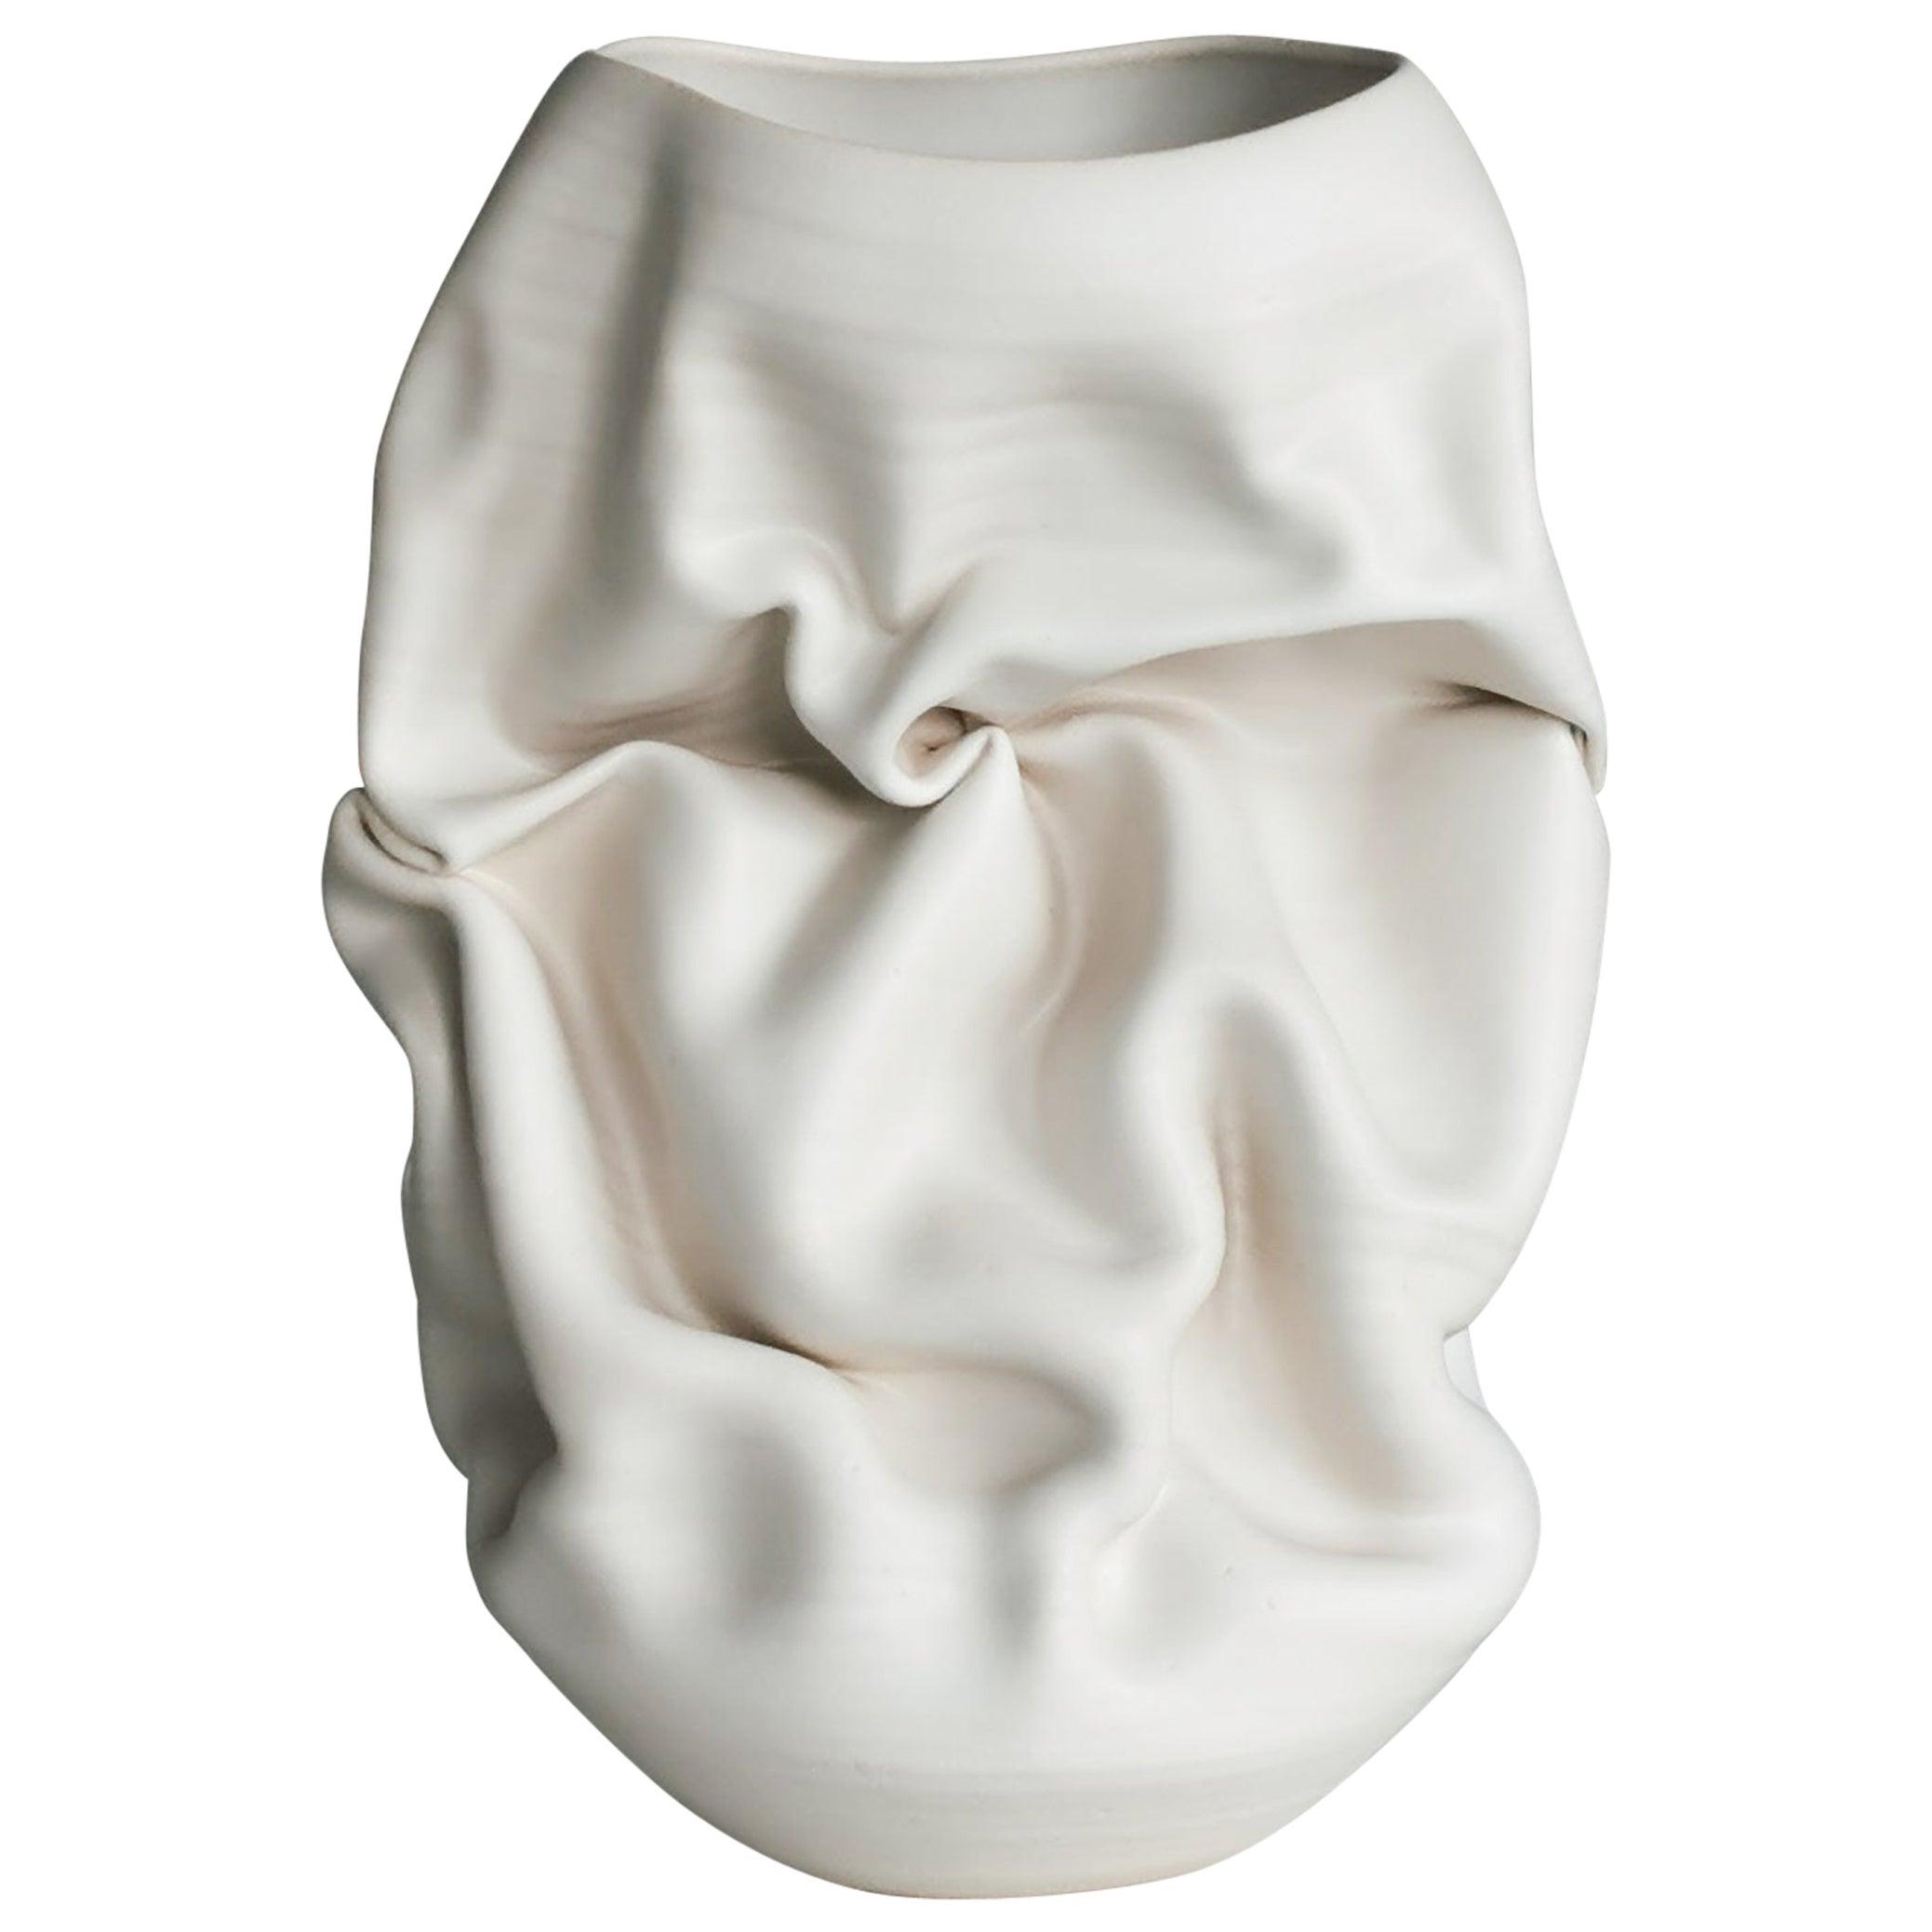 Ceramic Sculpture Vessel, N. 50 Medium Tall White Crumpled Form, Objet d'Art